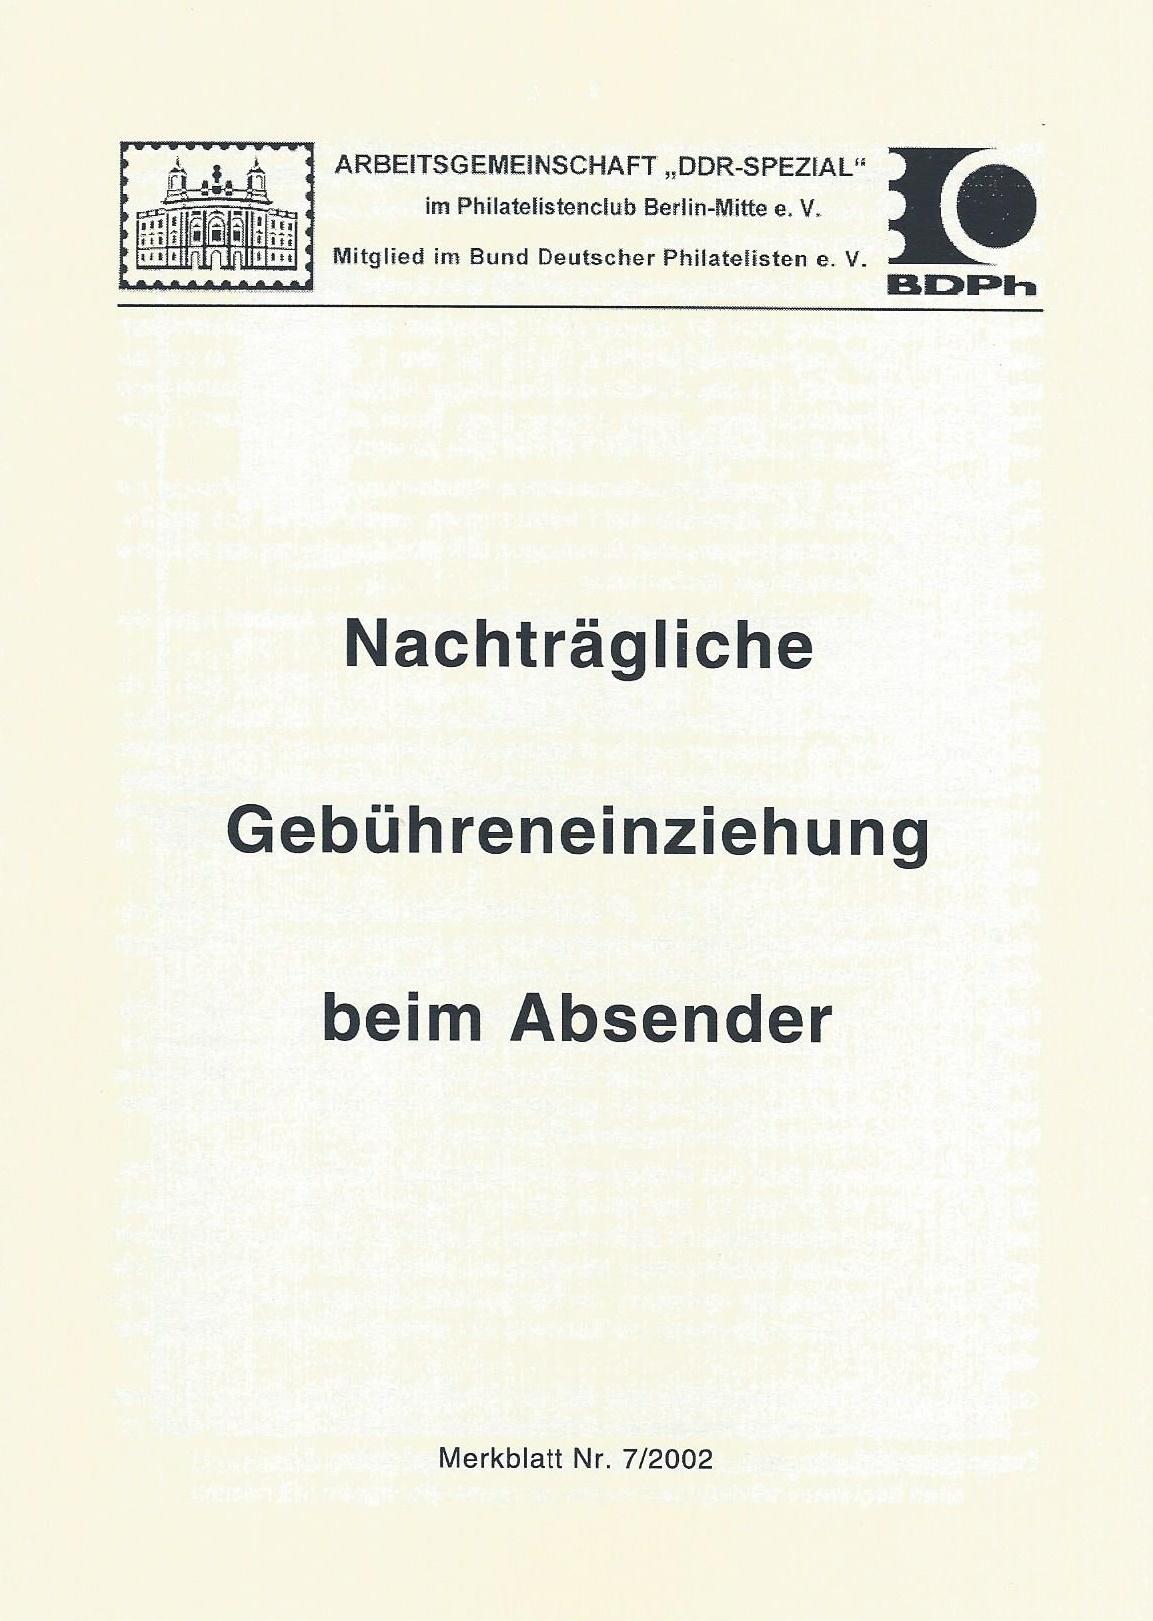 DDR Philatelie Literatur nachträgliche Gebühreneinziehung